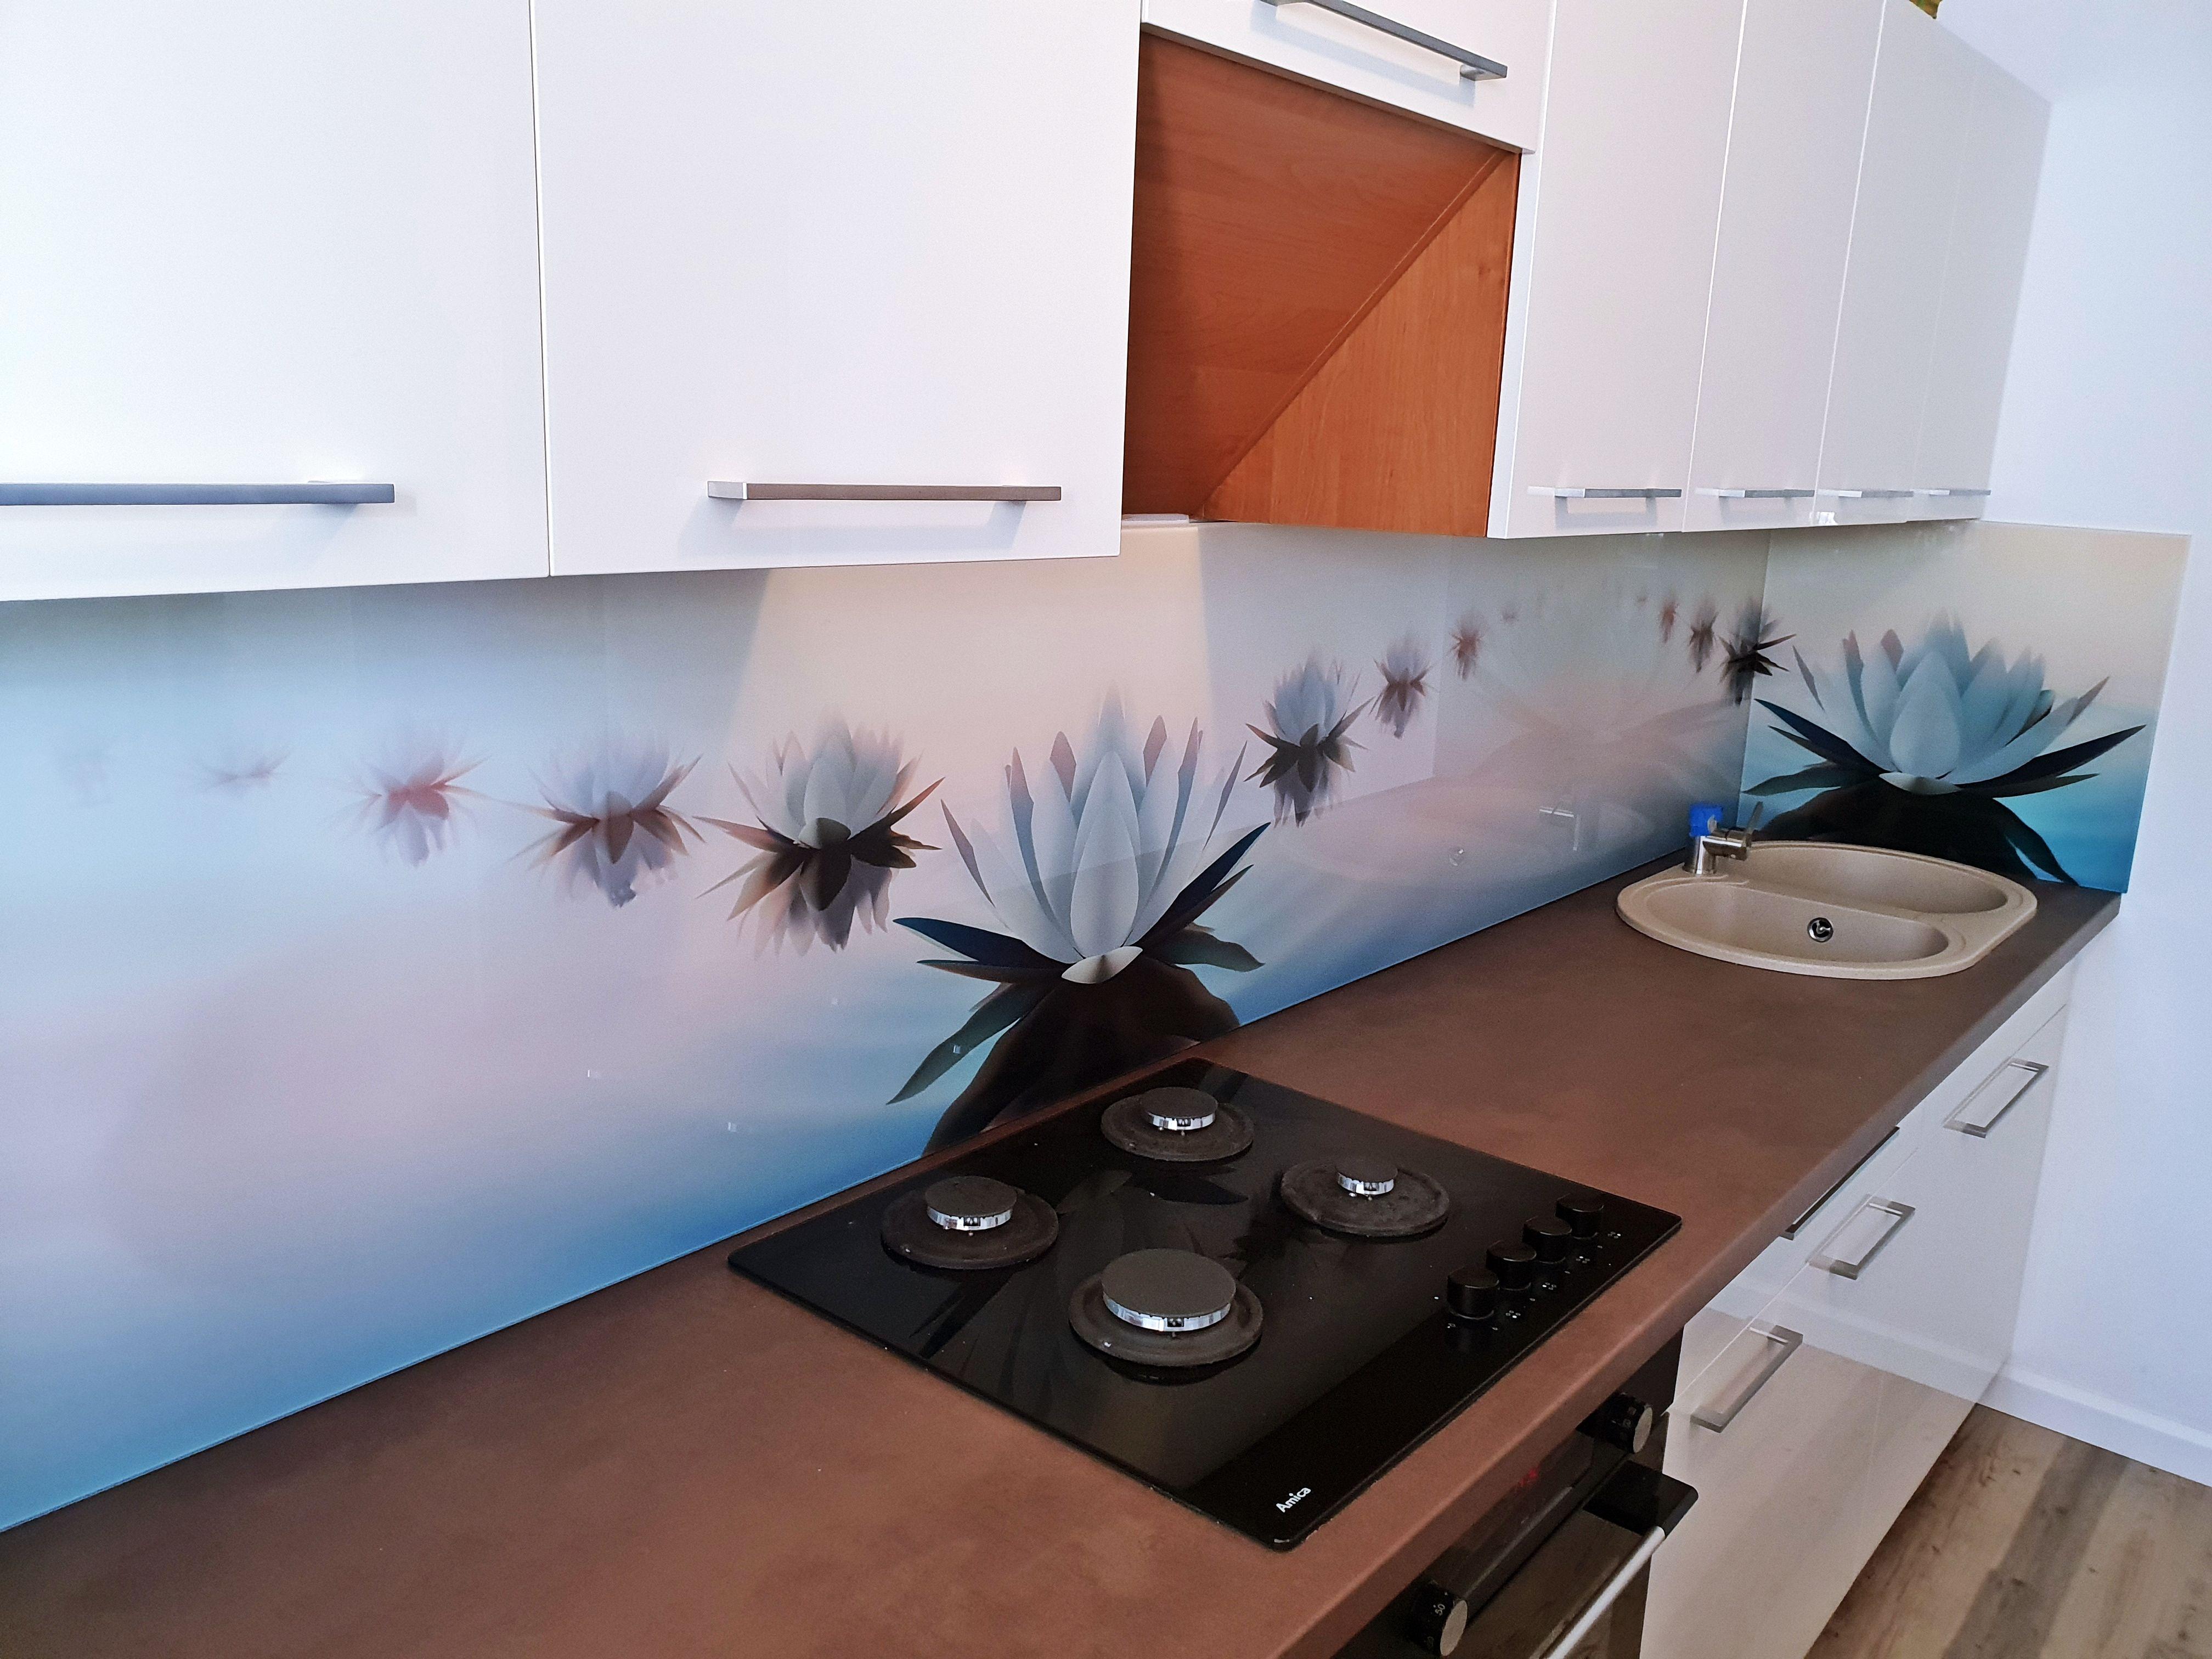 Popularny Wzor Panele Szklane Motyw Roslinny Lilie Nenufary Kwiaty Szklo Do Kuchni Dekoracja Glass